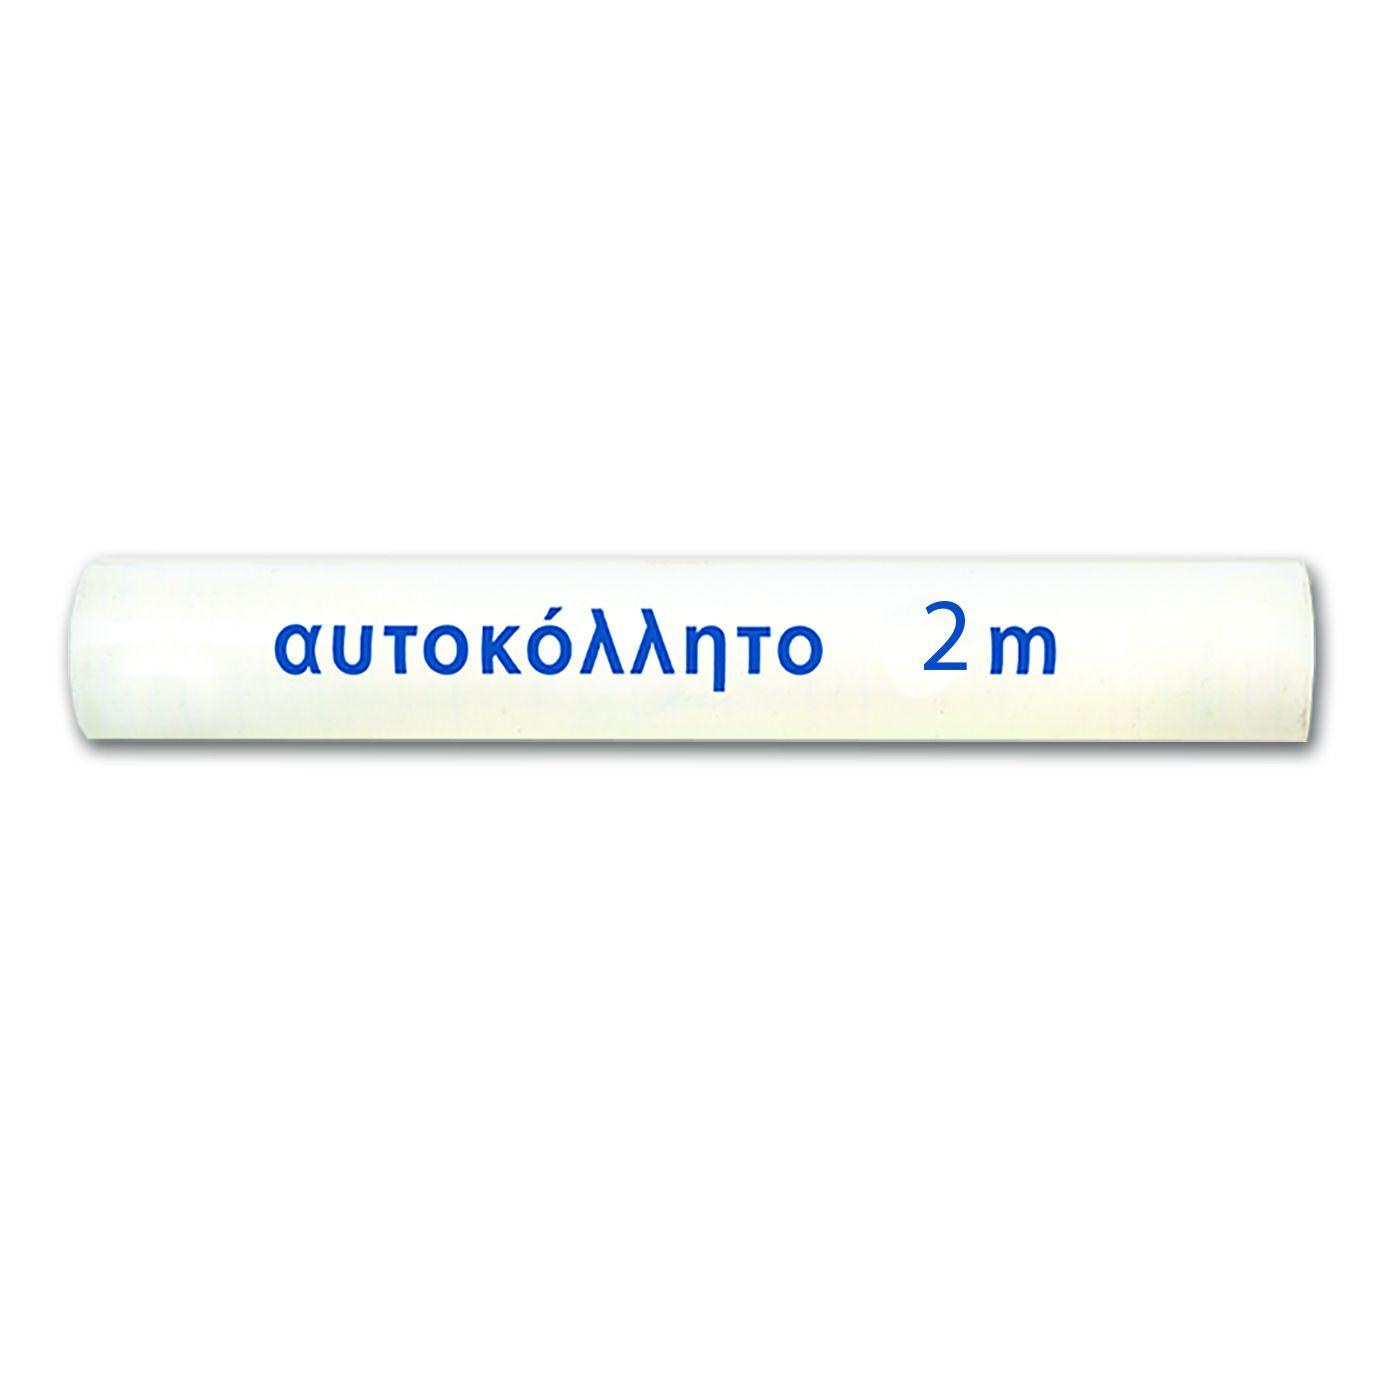 ΑΥΤΟΚΟΛΛΗΤΟ ΔΙΑΦΑΝΕΣ CPP ΠΑΚ=2m ΠΑΚ=2mχ45cm  0,07mm